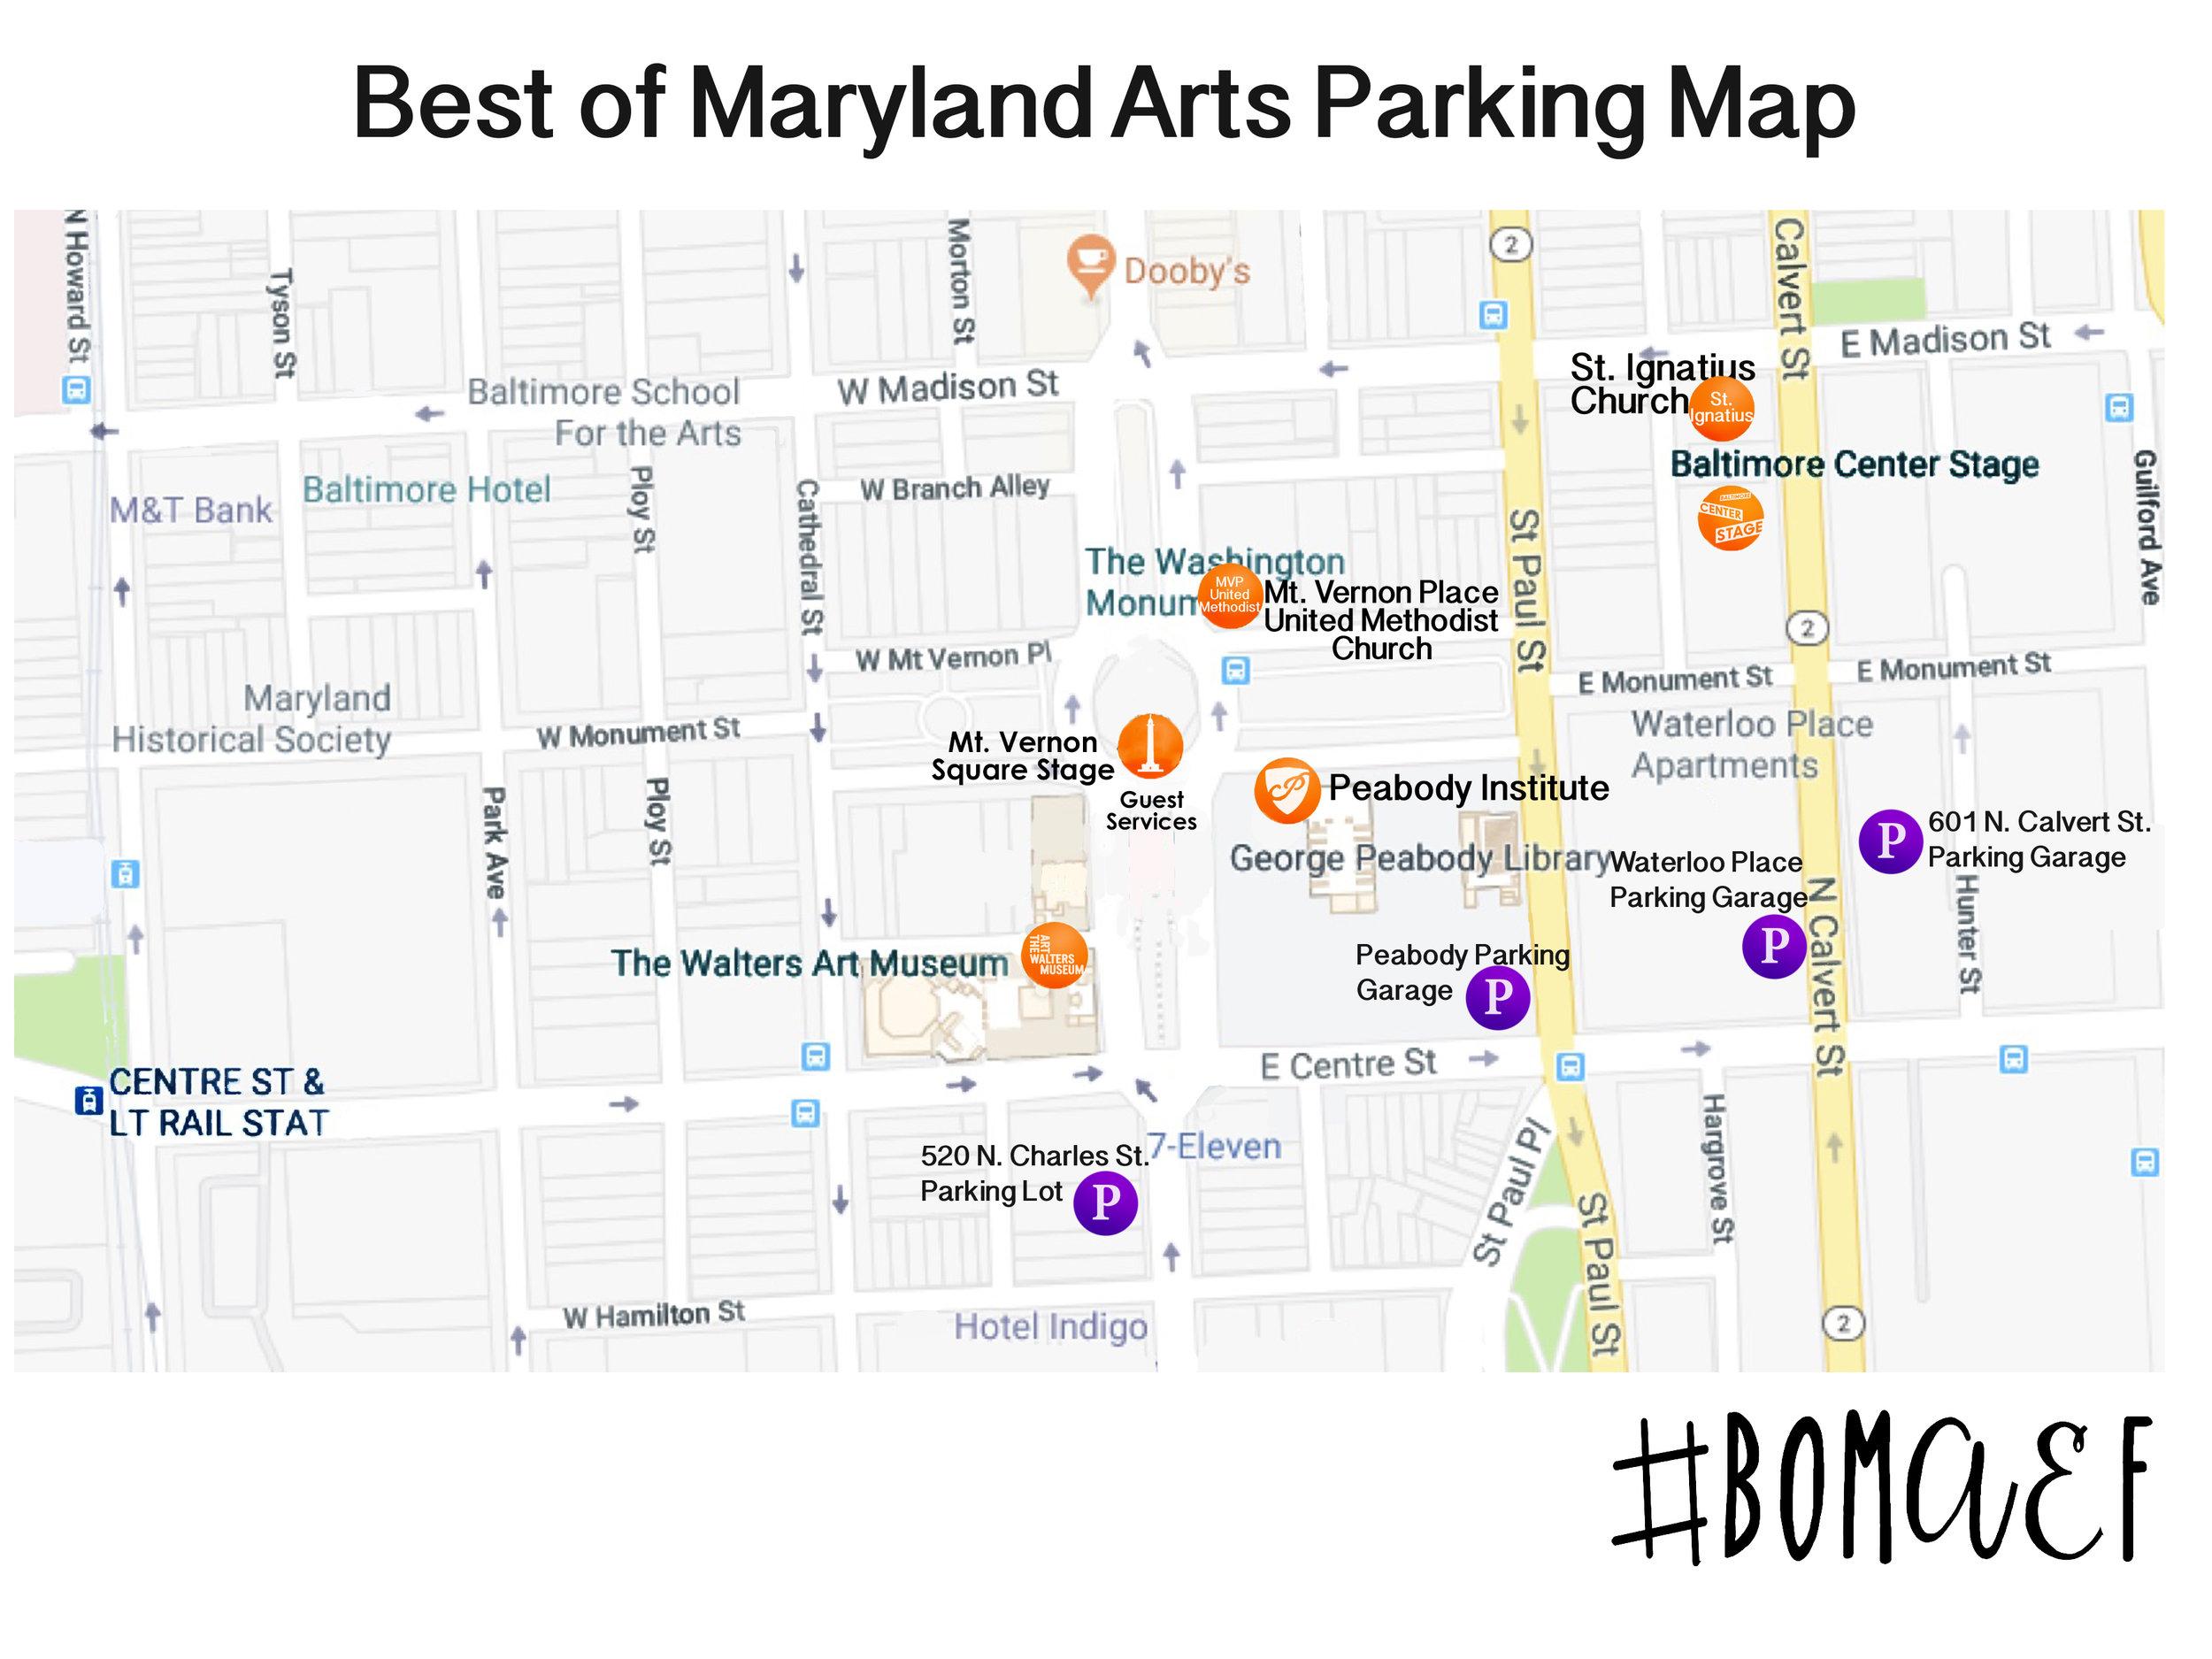 BOMAEF Parking Map-2019.jpg